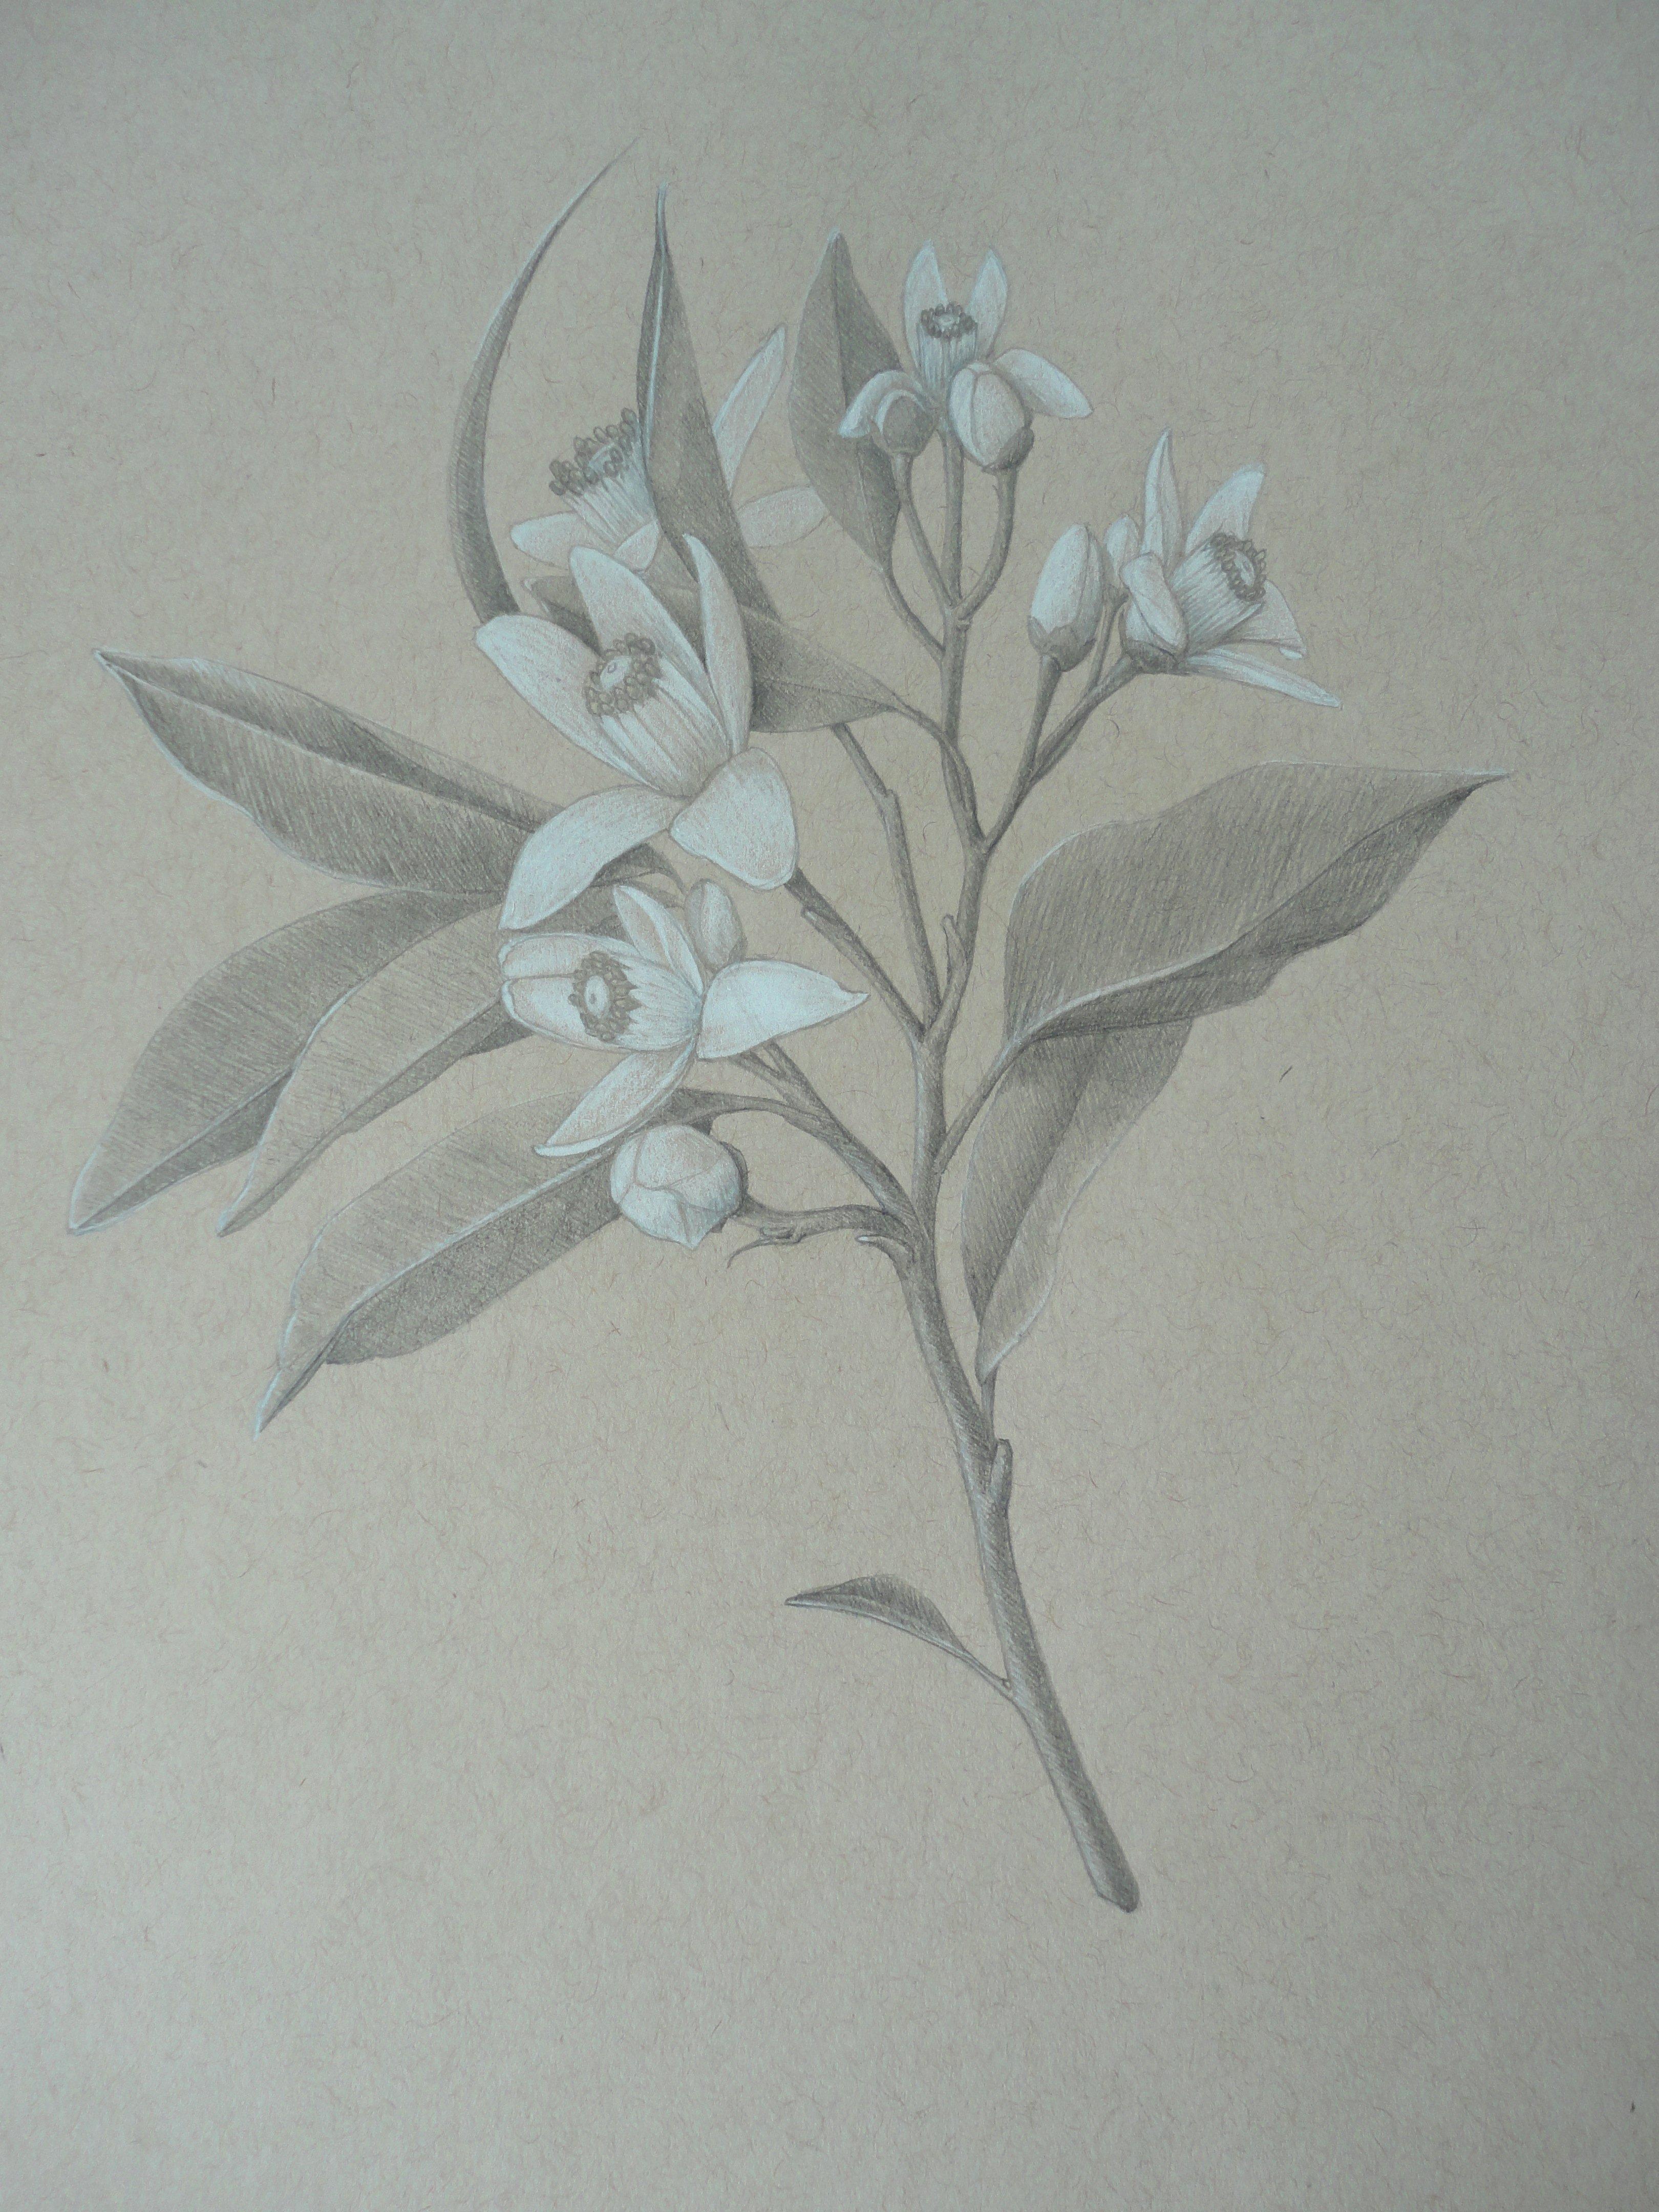 Drawings Of A Flower Elegant Drawings